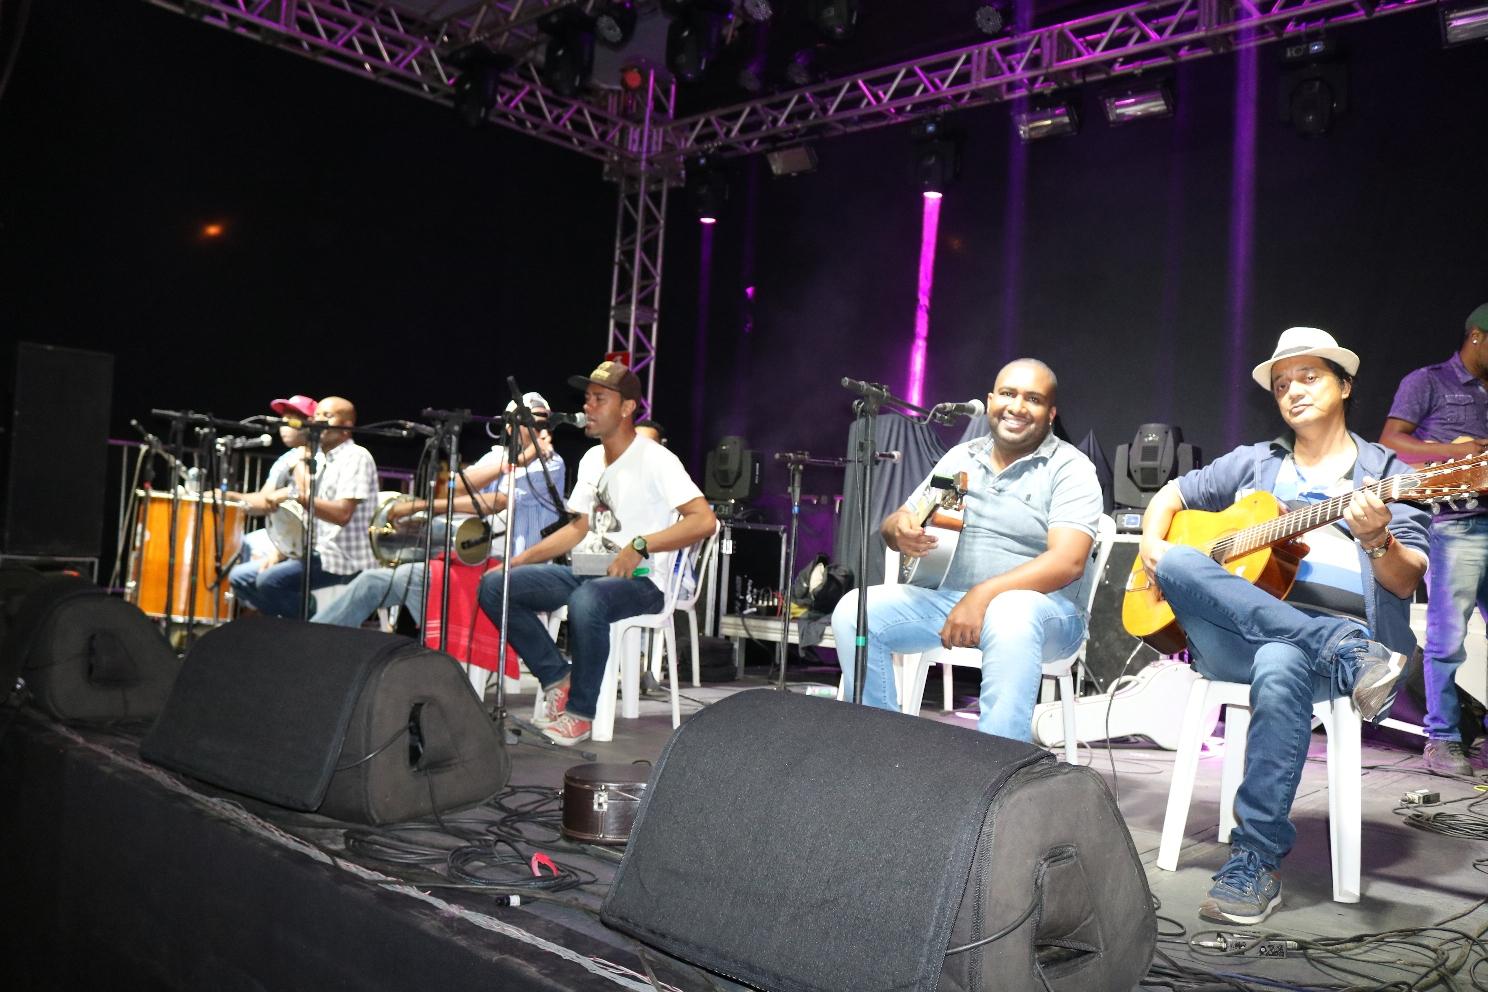 Evento foi mais uma oportunidade para as bandas locais (Créditos: SECOM/PMI)